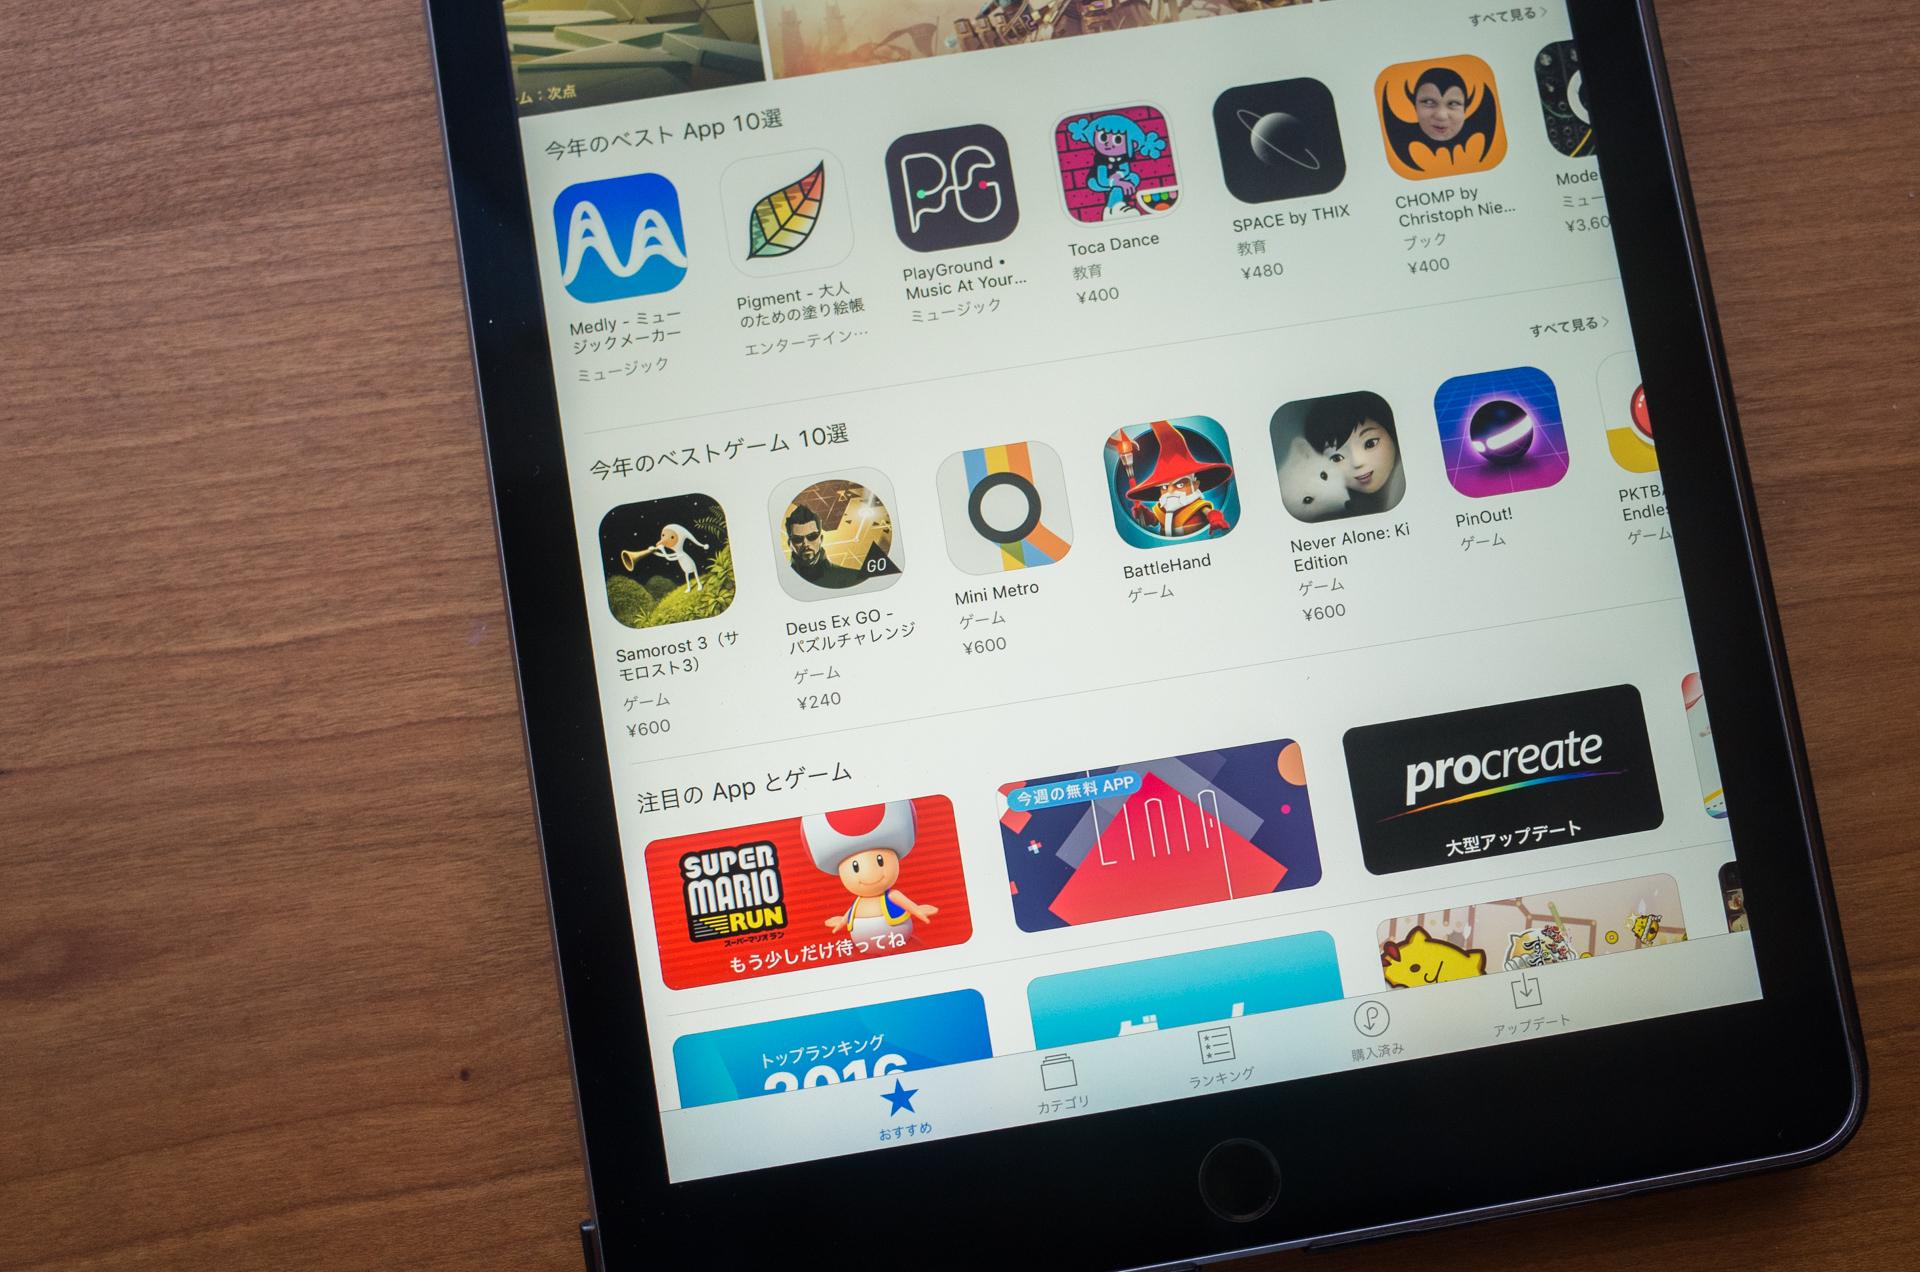 iPad Pro 9.7インチで使っているオススメアプリ